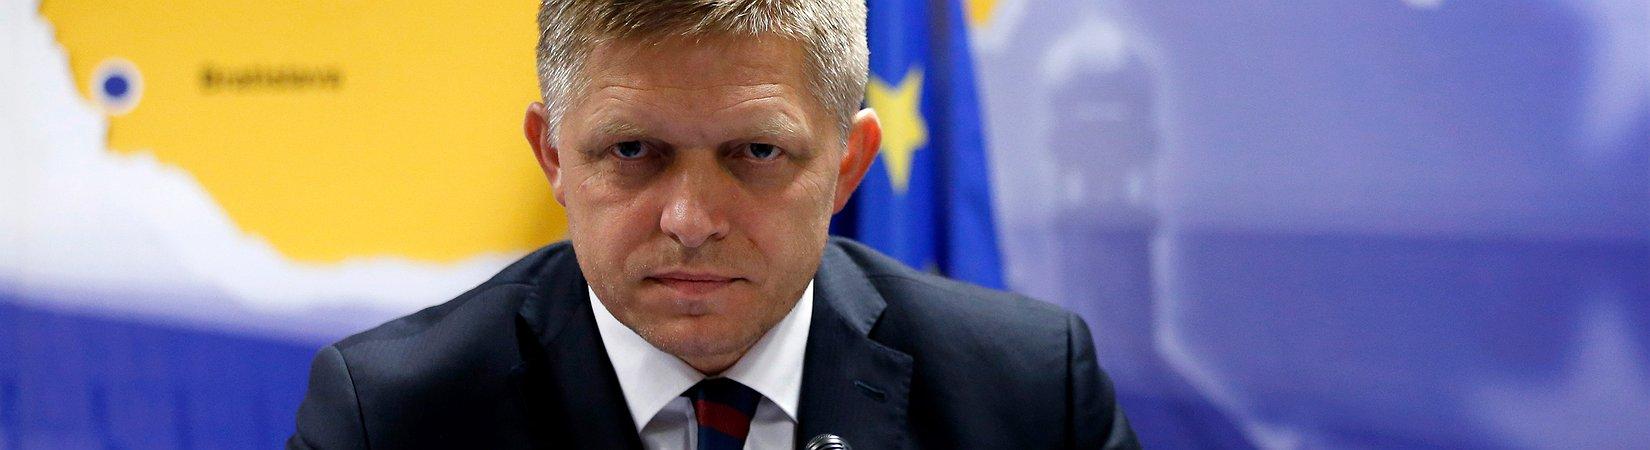 Bratislava bereitet sich auf EU-Präsidentschaft vor